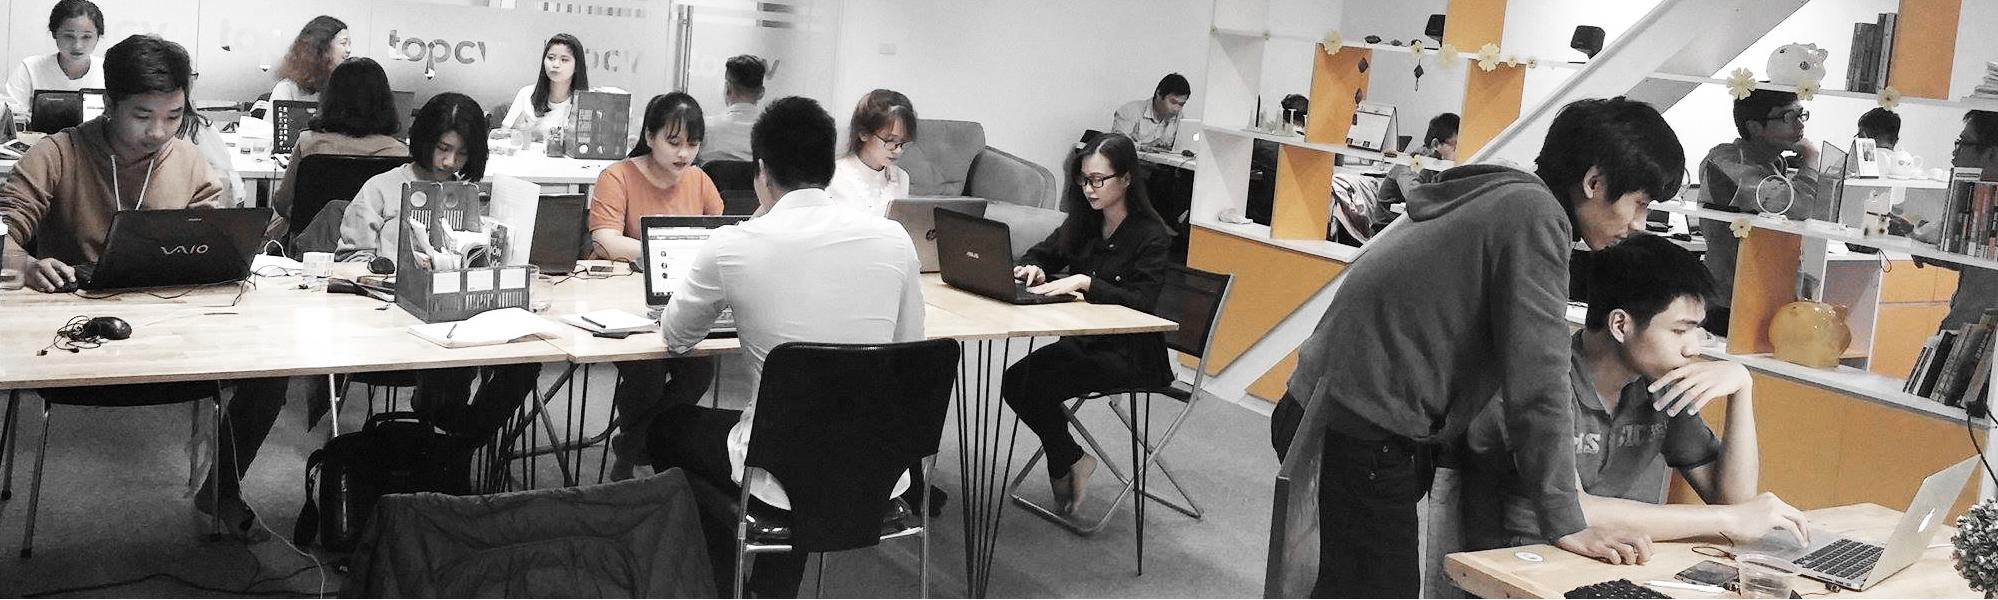 Bắt đầu từ nhu cầu hết sức đơn giản trong khâu tìm việc, startup này đã giúp 16.000 người tìm được việc làm như thế nào - Ảnh 15.